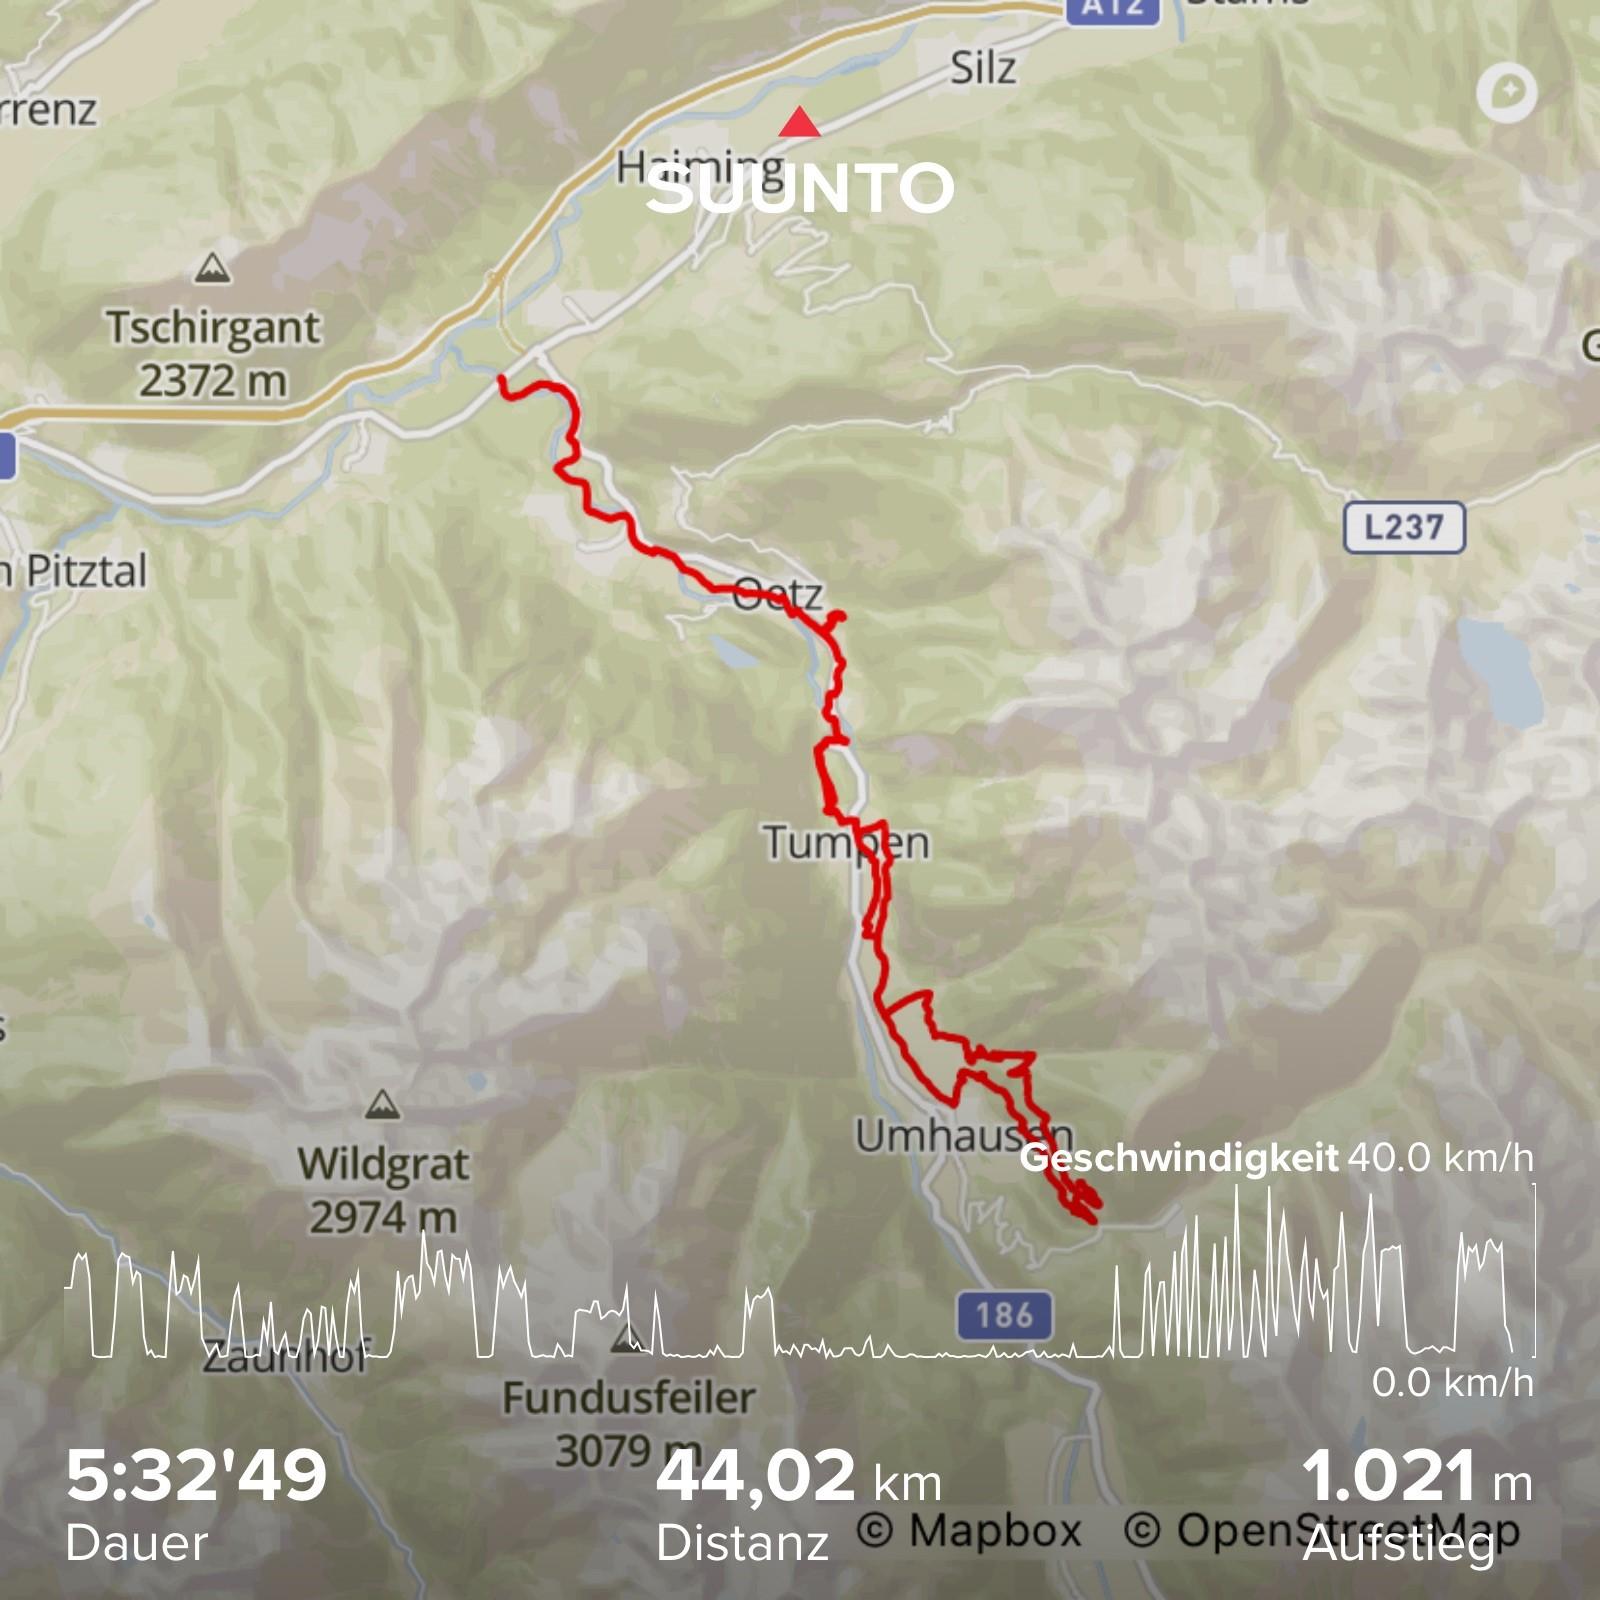 E-Moutainbike Touren in Tirol